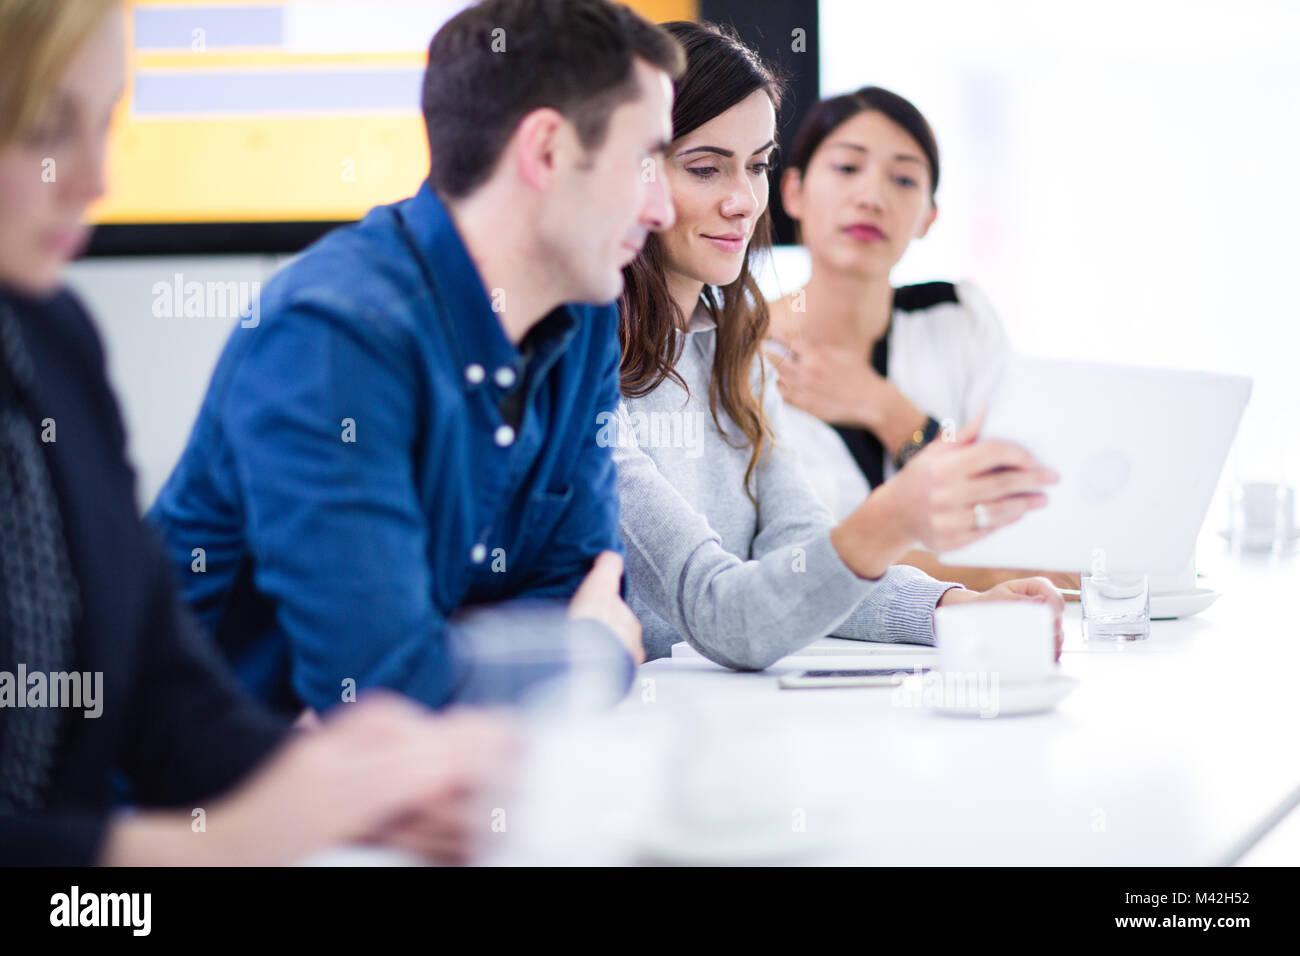 Colegas en una reunión de negocios con tecnología Imagen De Stock